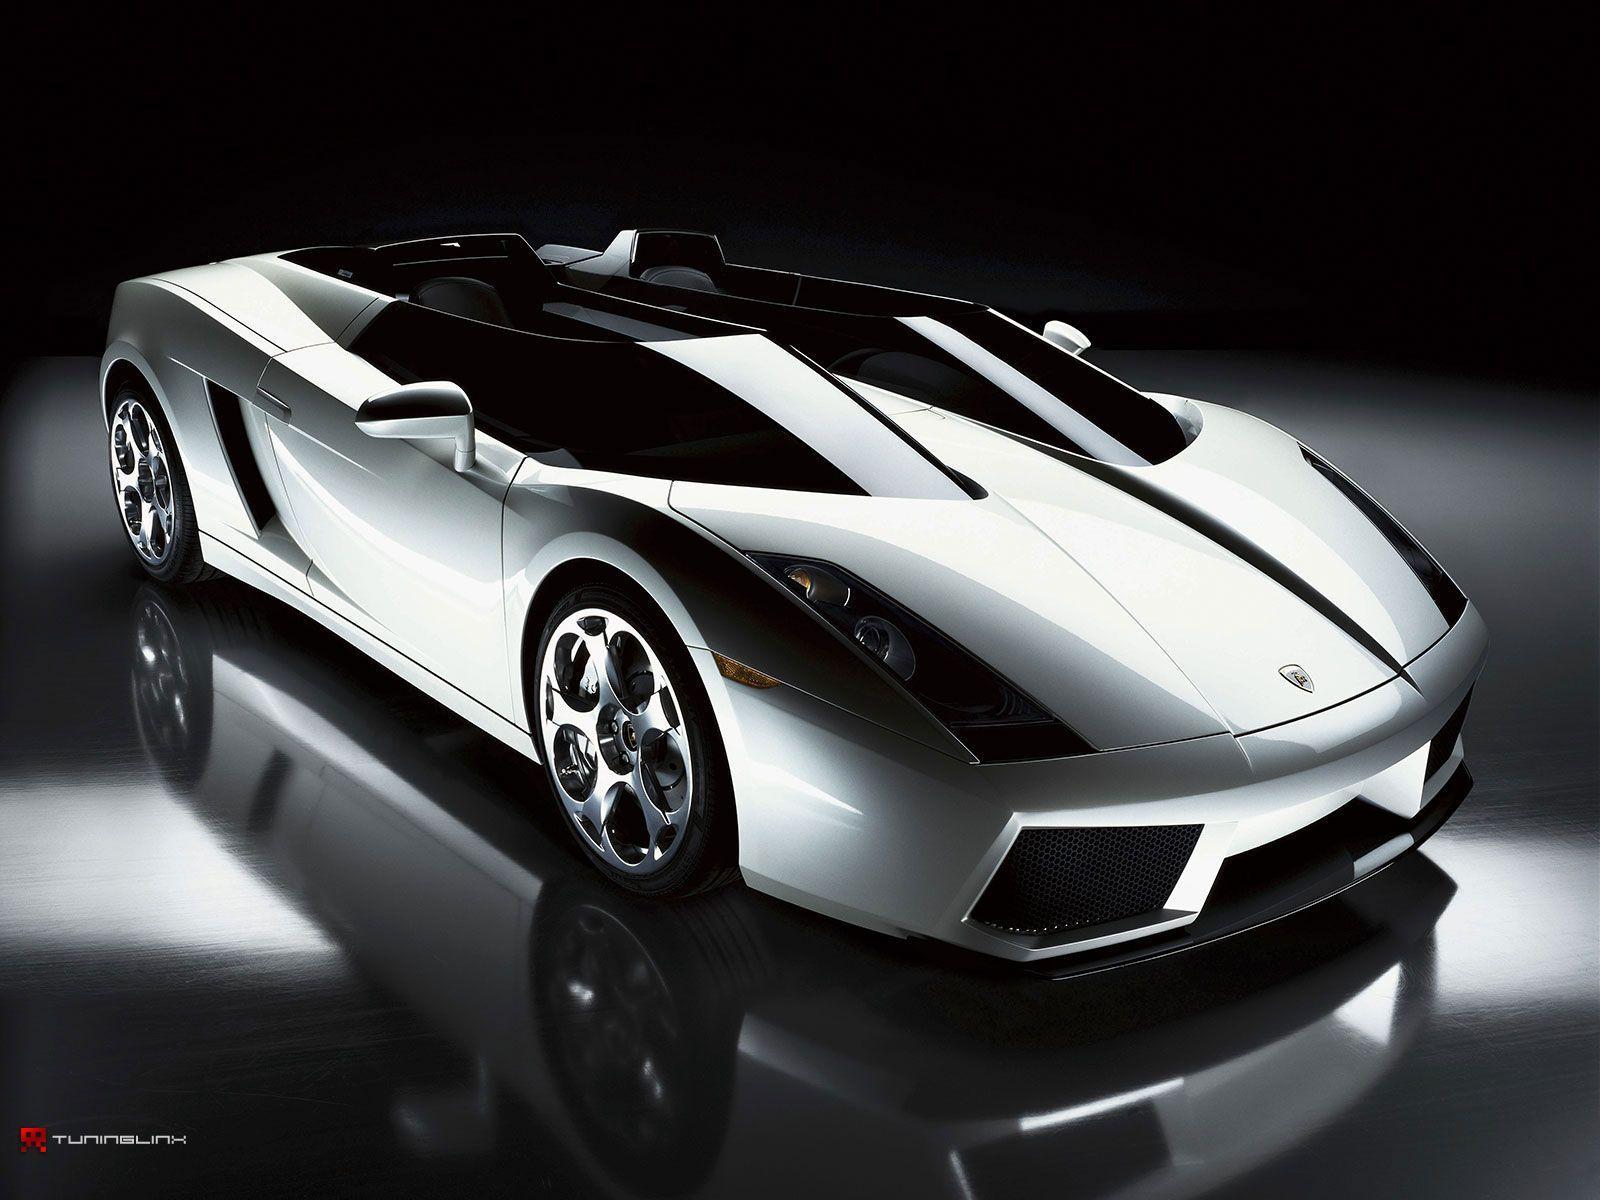 future lamborghini car picture wallpaper 8582 15193 wallpaper - Sports Cars Lamborghini Wallpapers